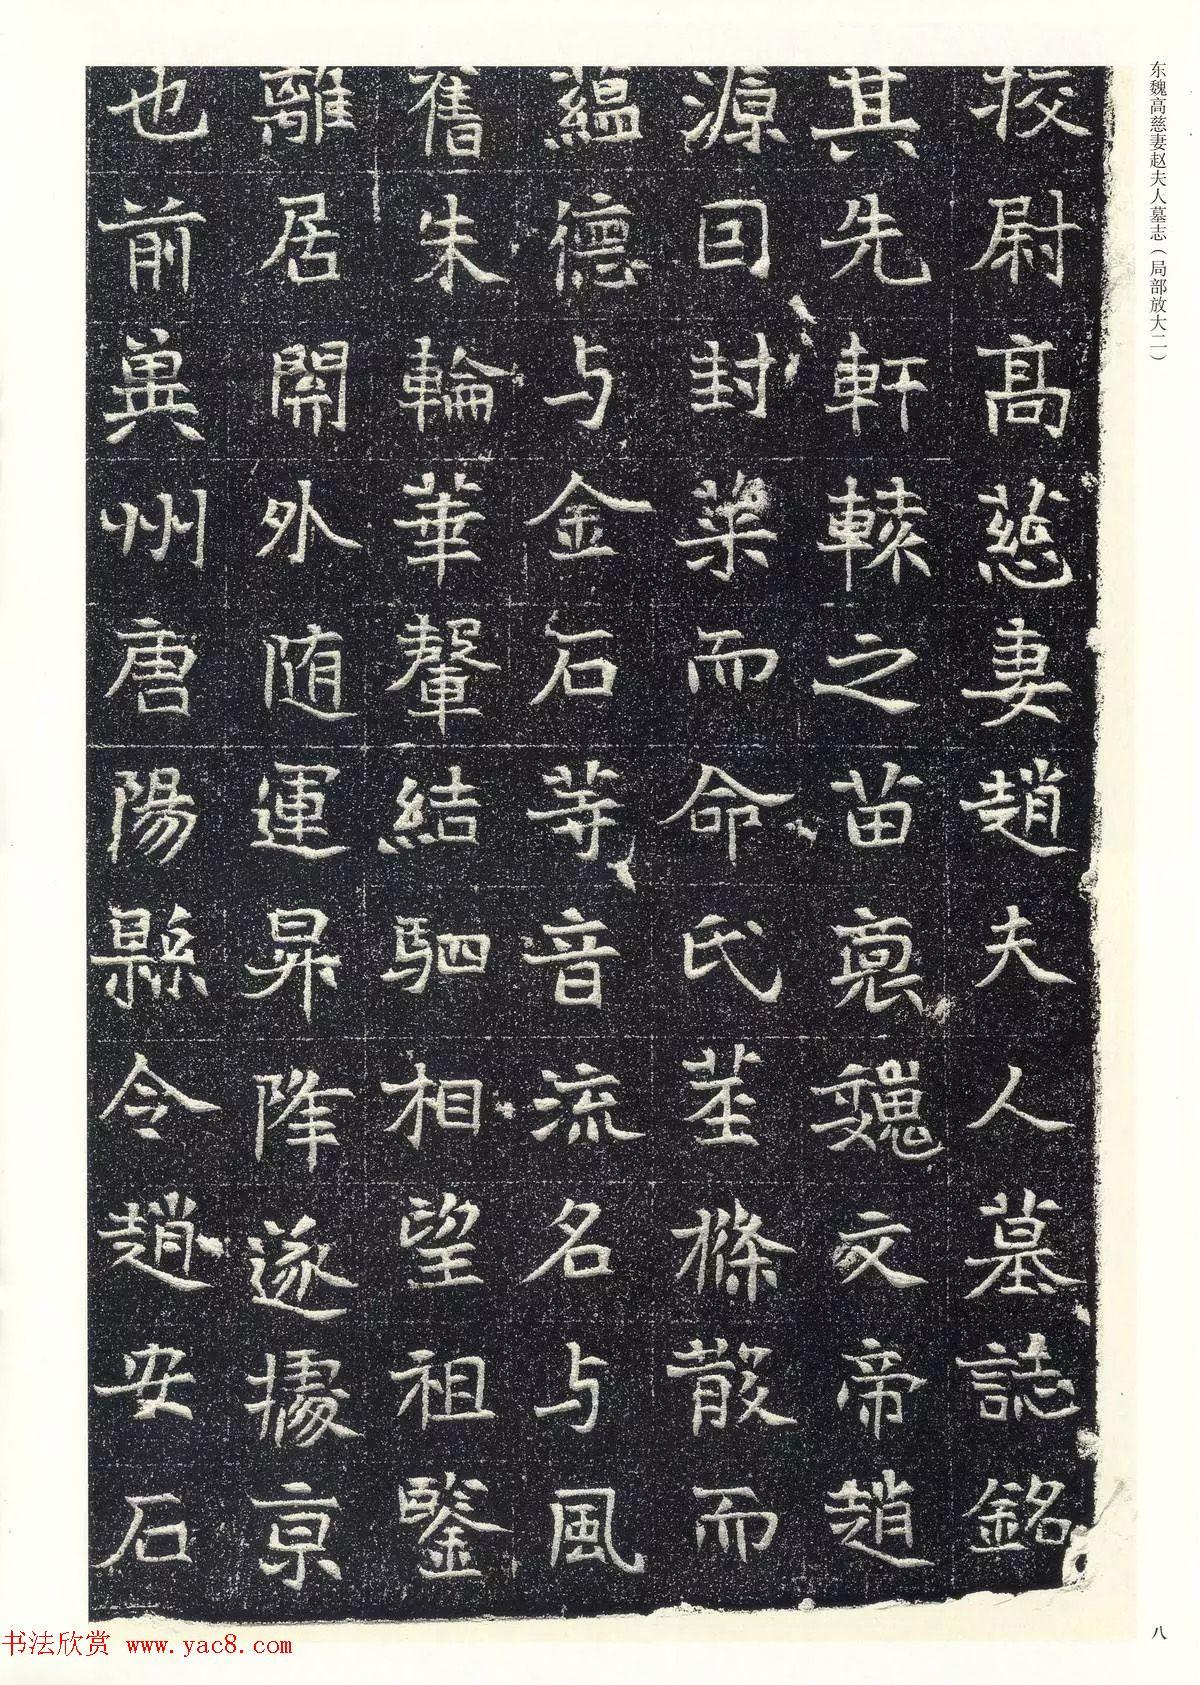 东魏楷书《高慈妻赵夫人墓志》